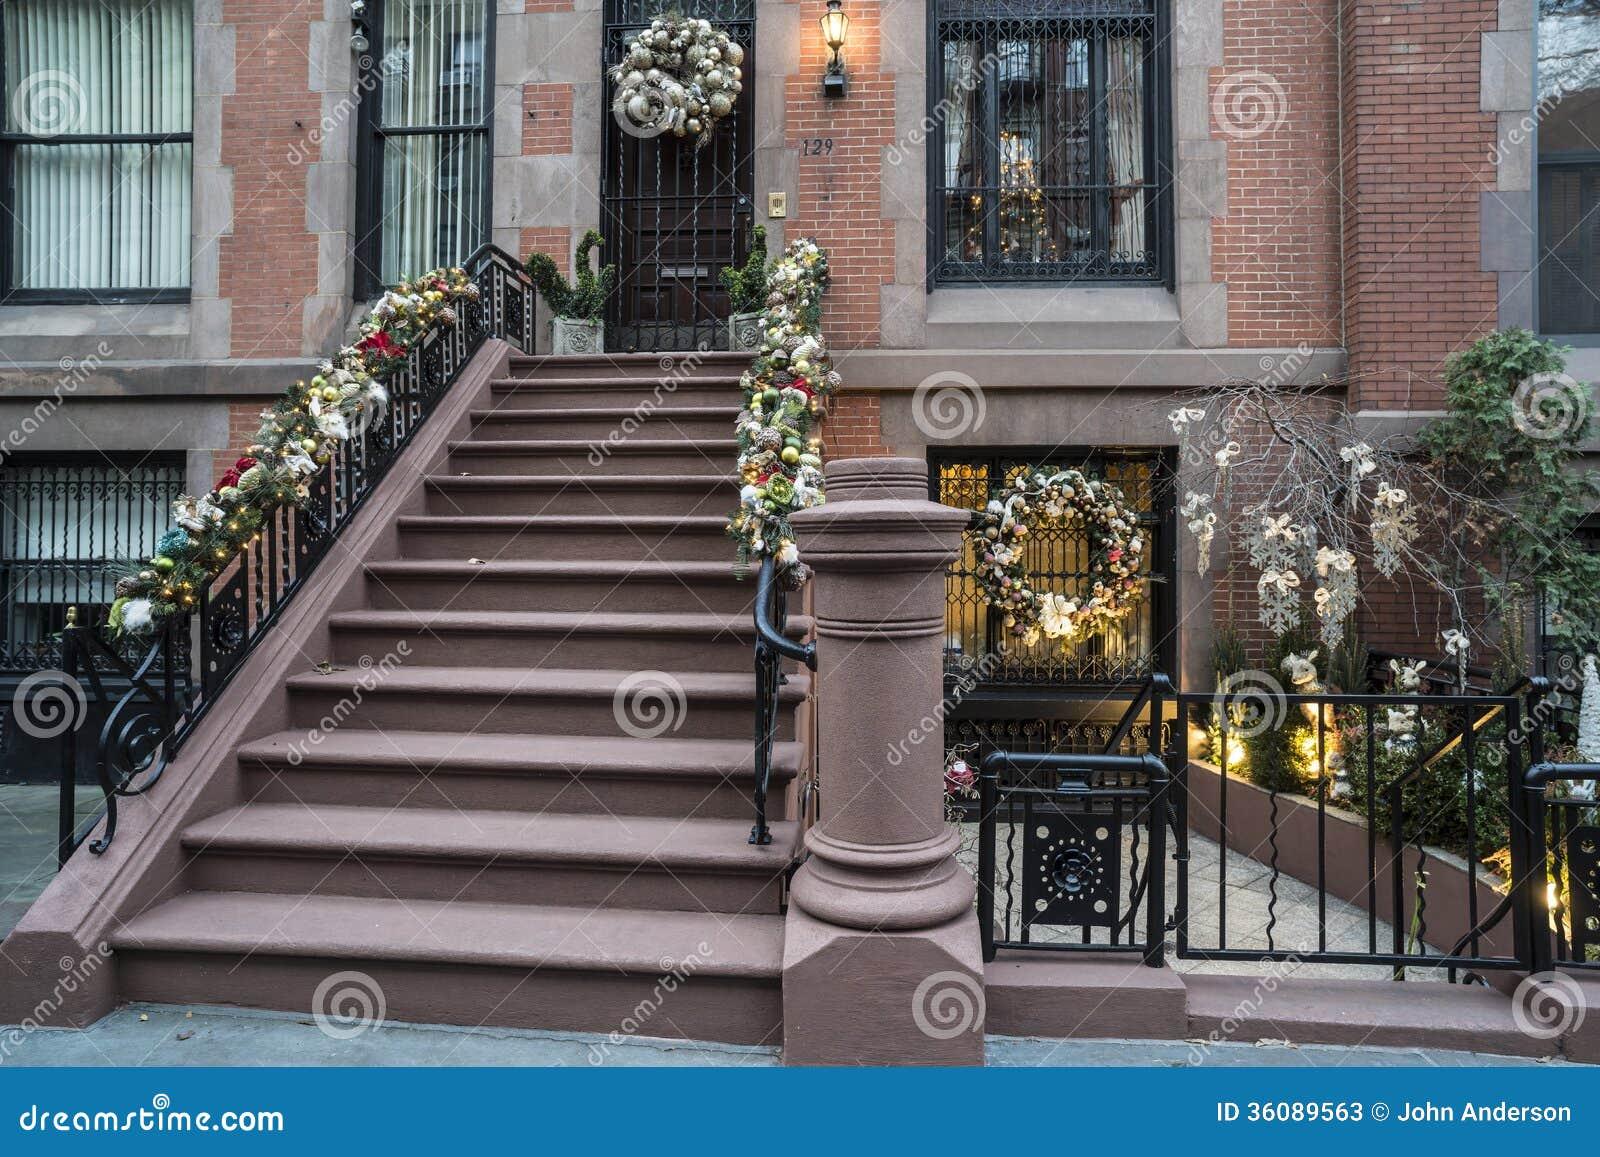 weihnachten new york city stockbild bild von gro treppen 36089563. Black Bedroom Furniture Sets. Home Design Ideas